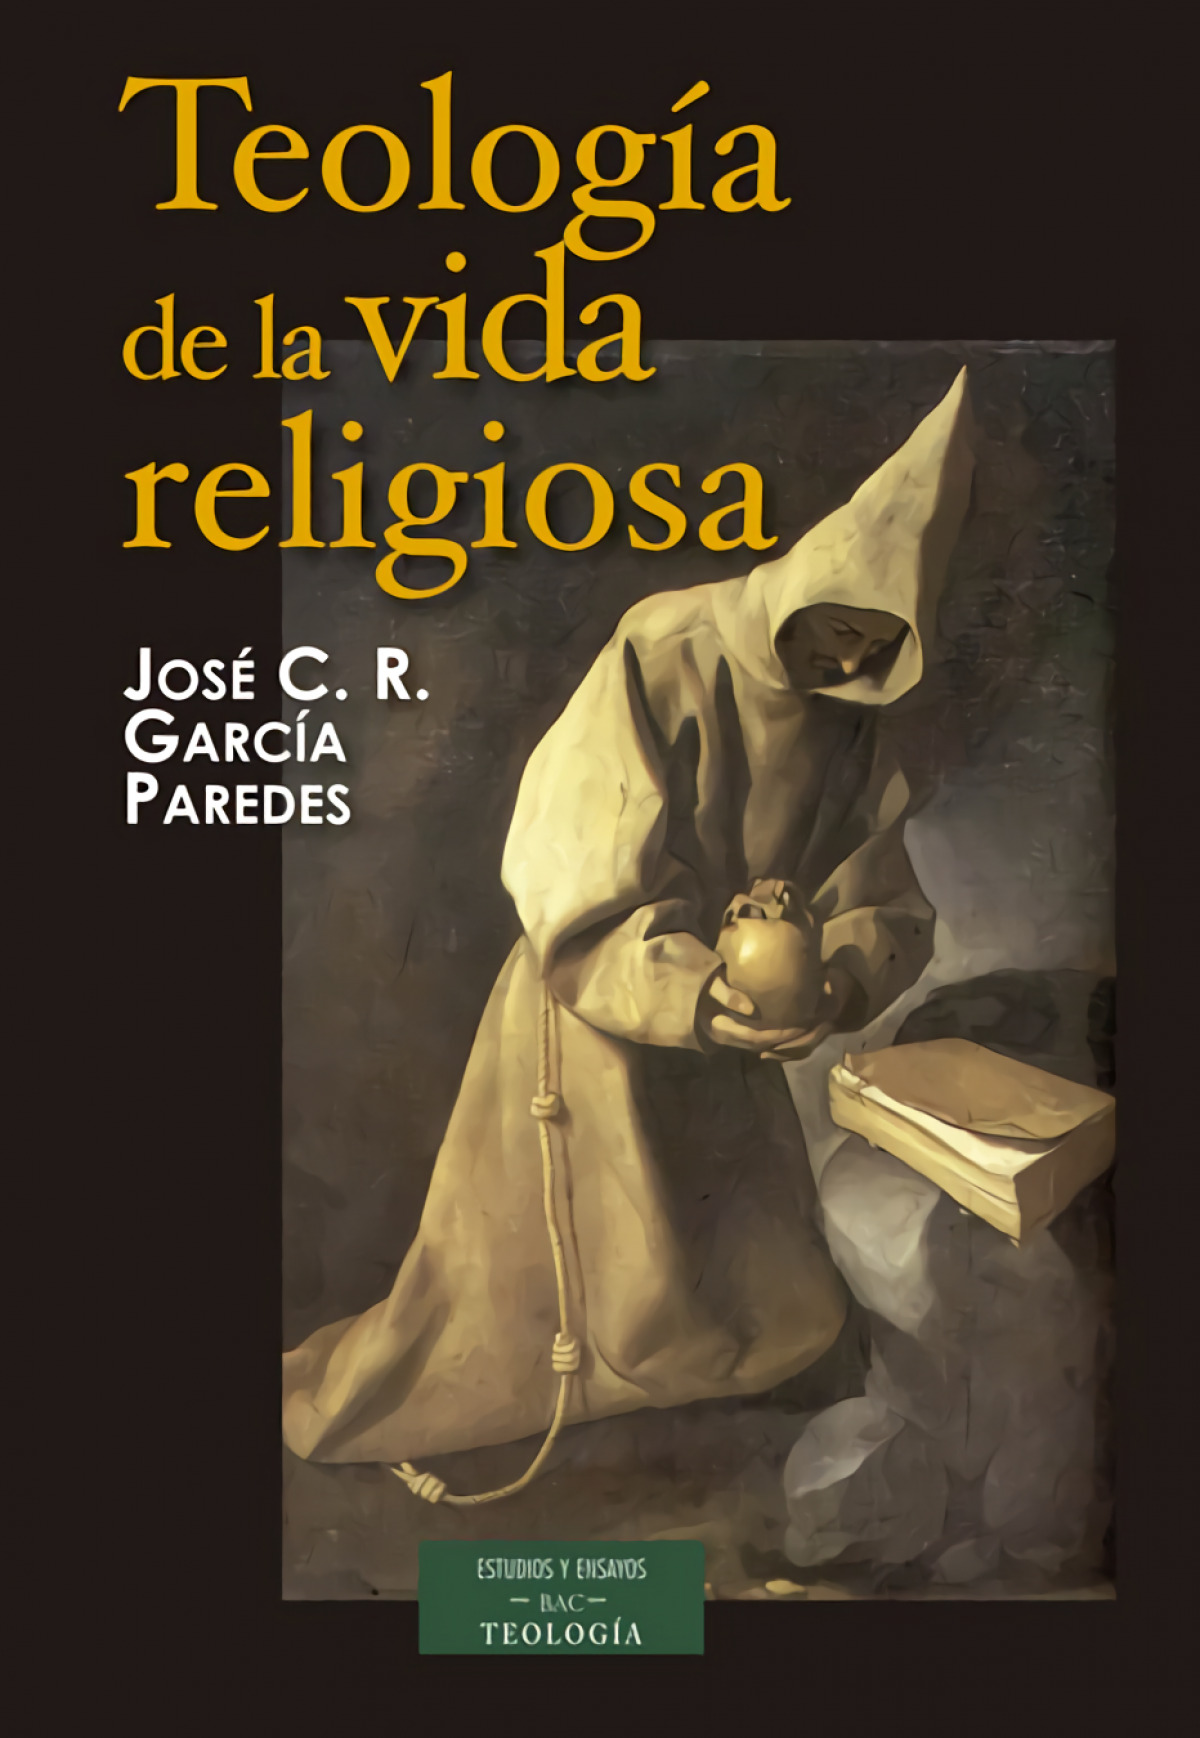 Teología de la vida religiosa - García Paredes, José Cristo Rey